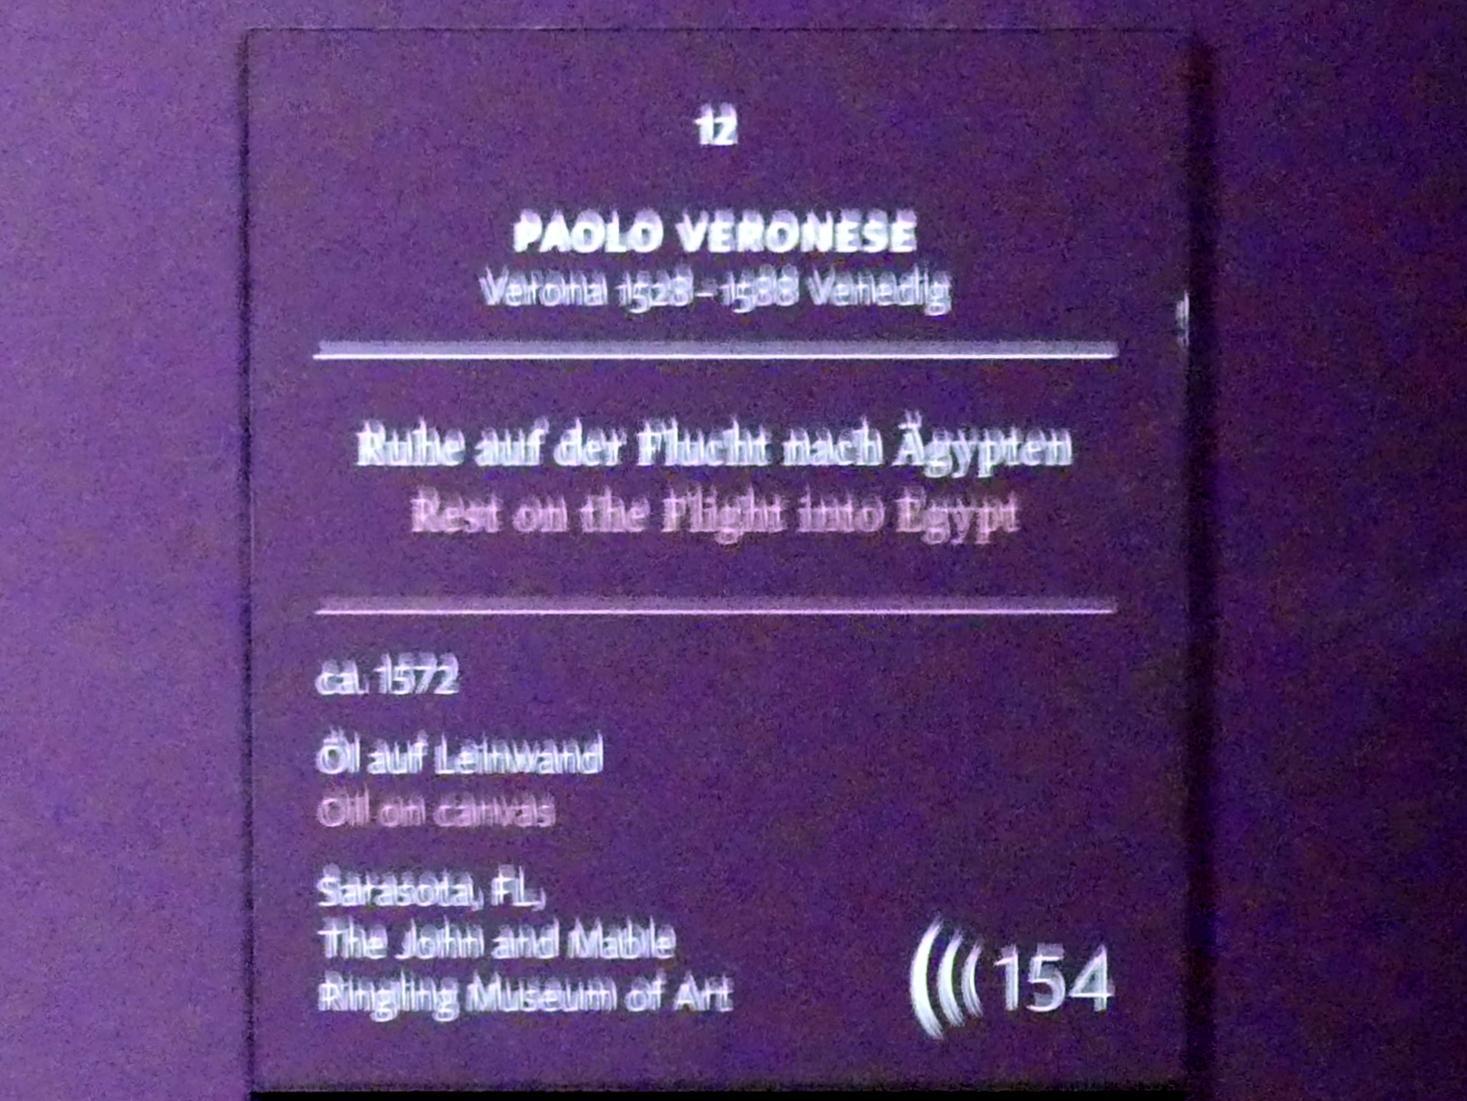 Paolo Caliari (Veronese): Ruhe auf der Flucht nach Ägypten, um 1572, Bild 2/3